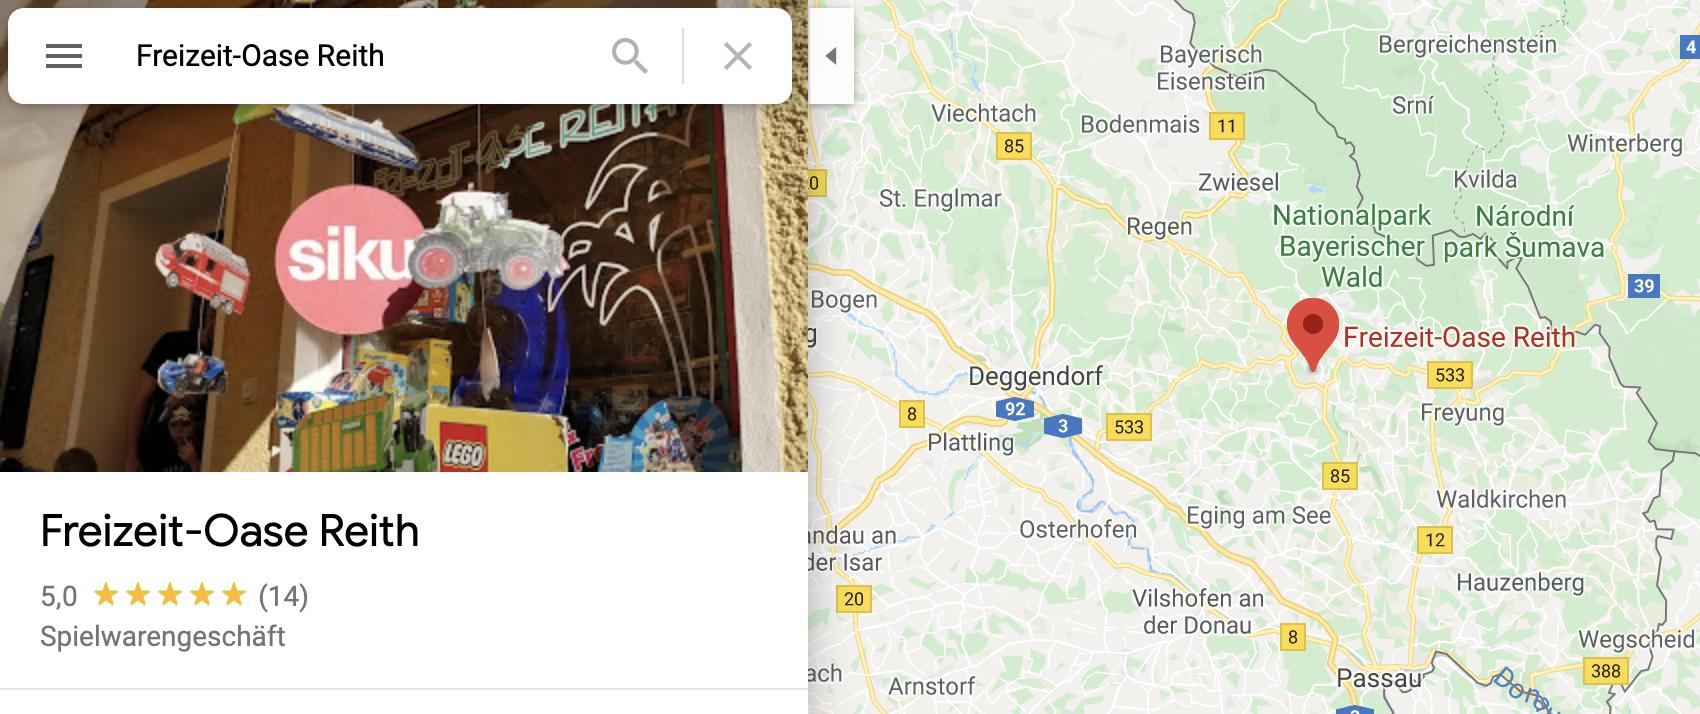 Freizeit-Oase Reith Spielwarenladen Schönberg bayerischer Wald Ausflugsziel Schreinerhof